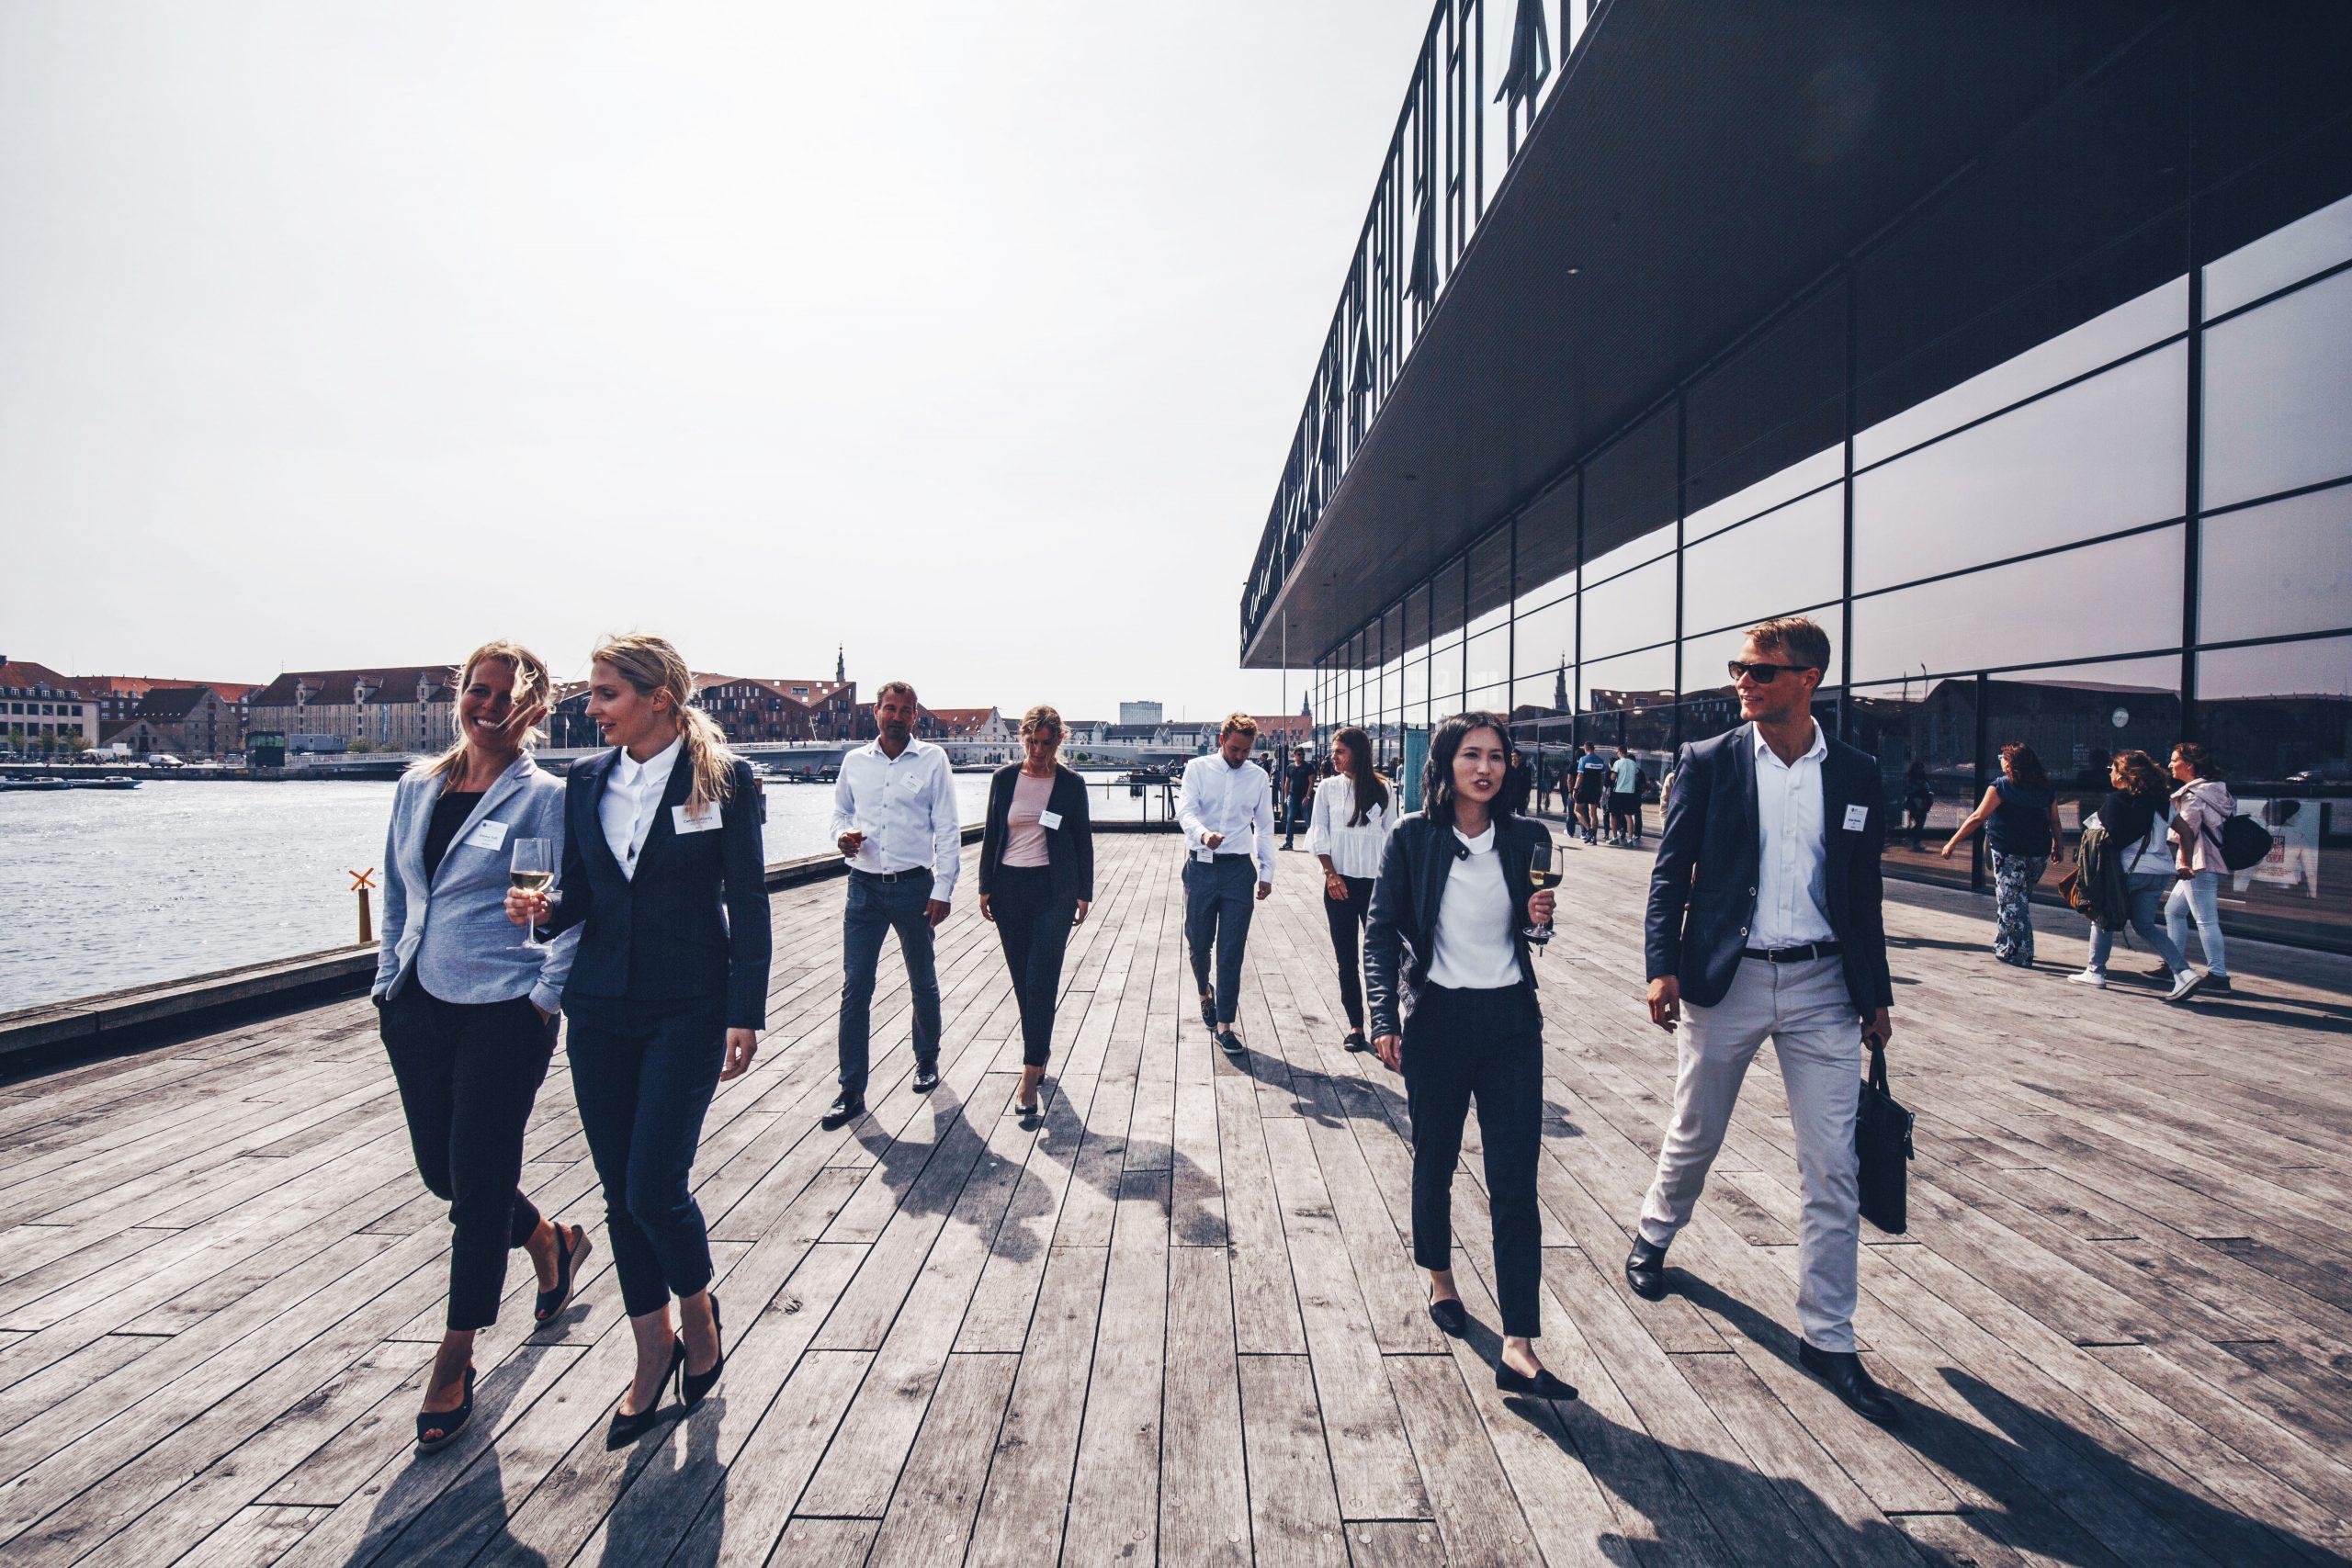 First United er som det tredje danske incomingbureau lukket som følge af coronakrisen. Arkivpressefoto via Wonderful Copenhagen, Martin Heiberg.